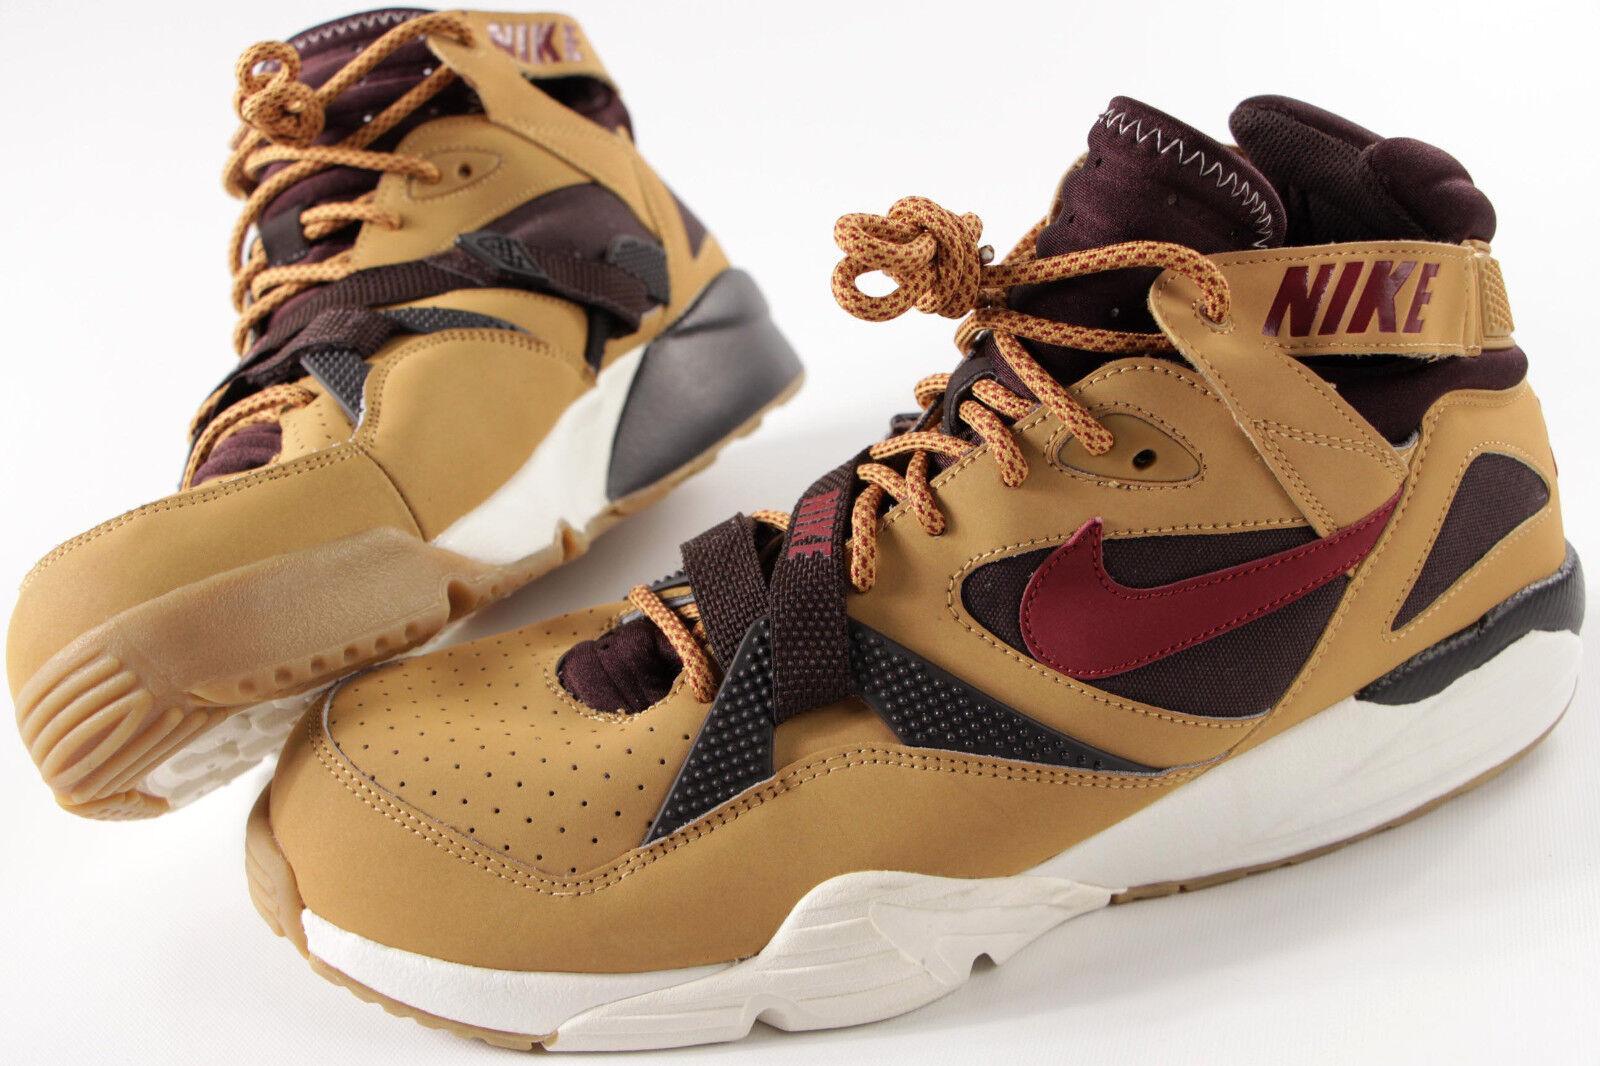 NIKE Air Trainer Max '91 Shoes- 12.5- NEW- Rare Brown Bo Jackson Retro Sneakers- Scarpe classiche da uomo